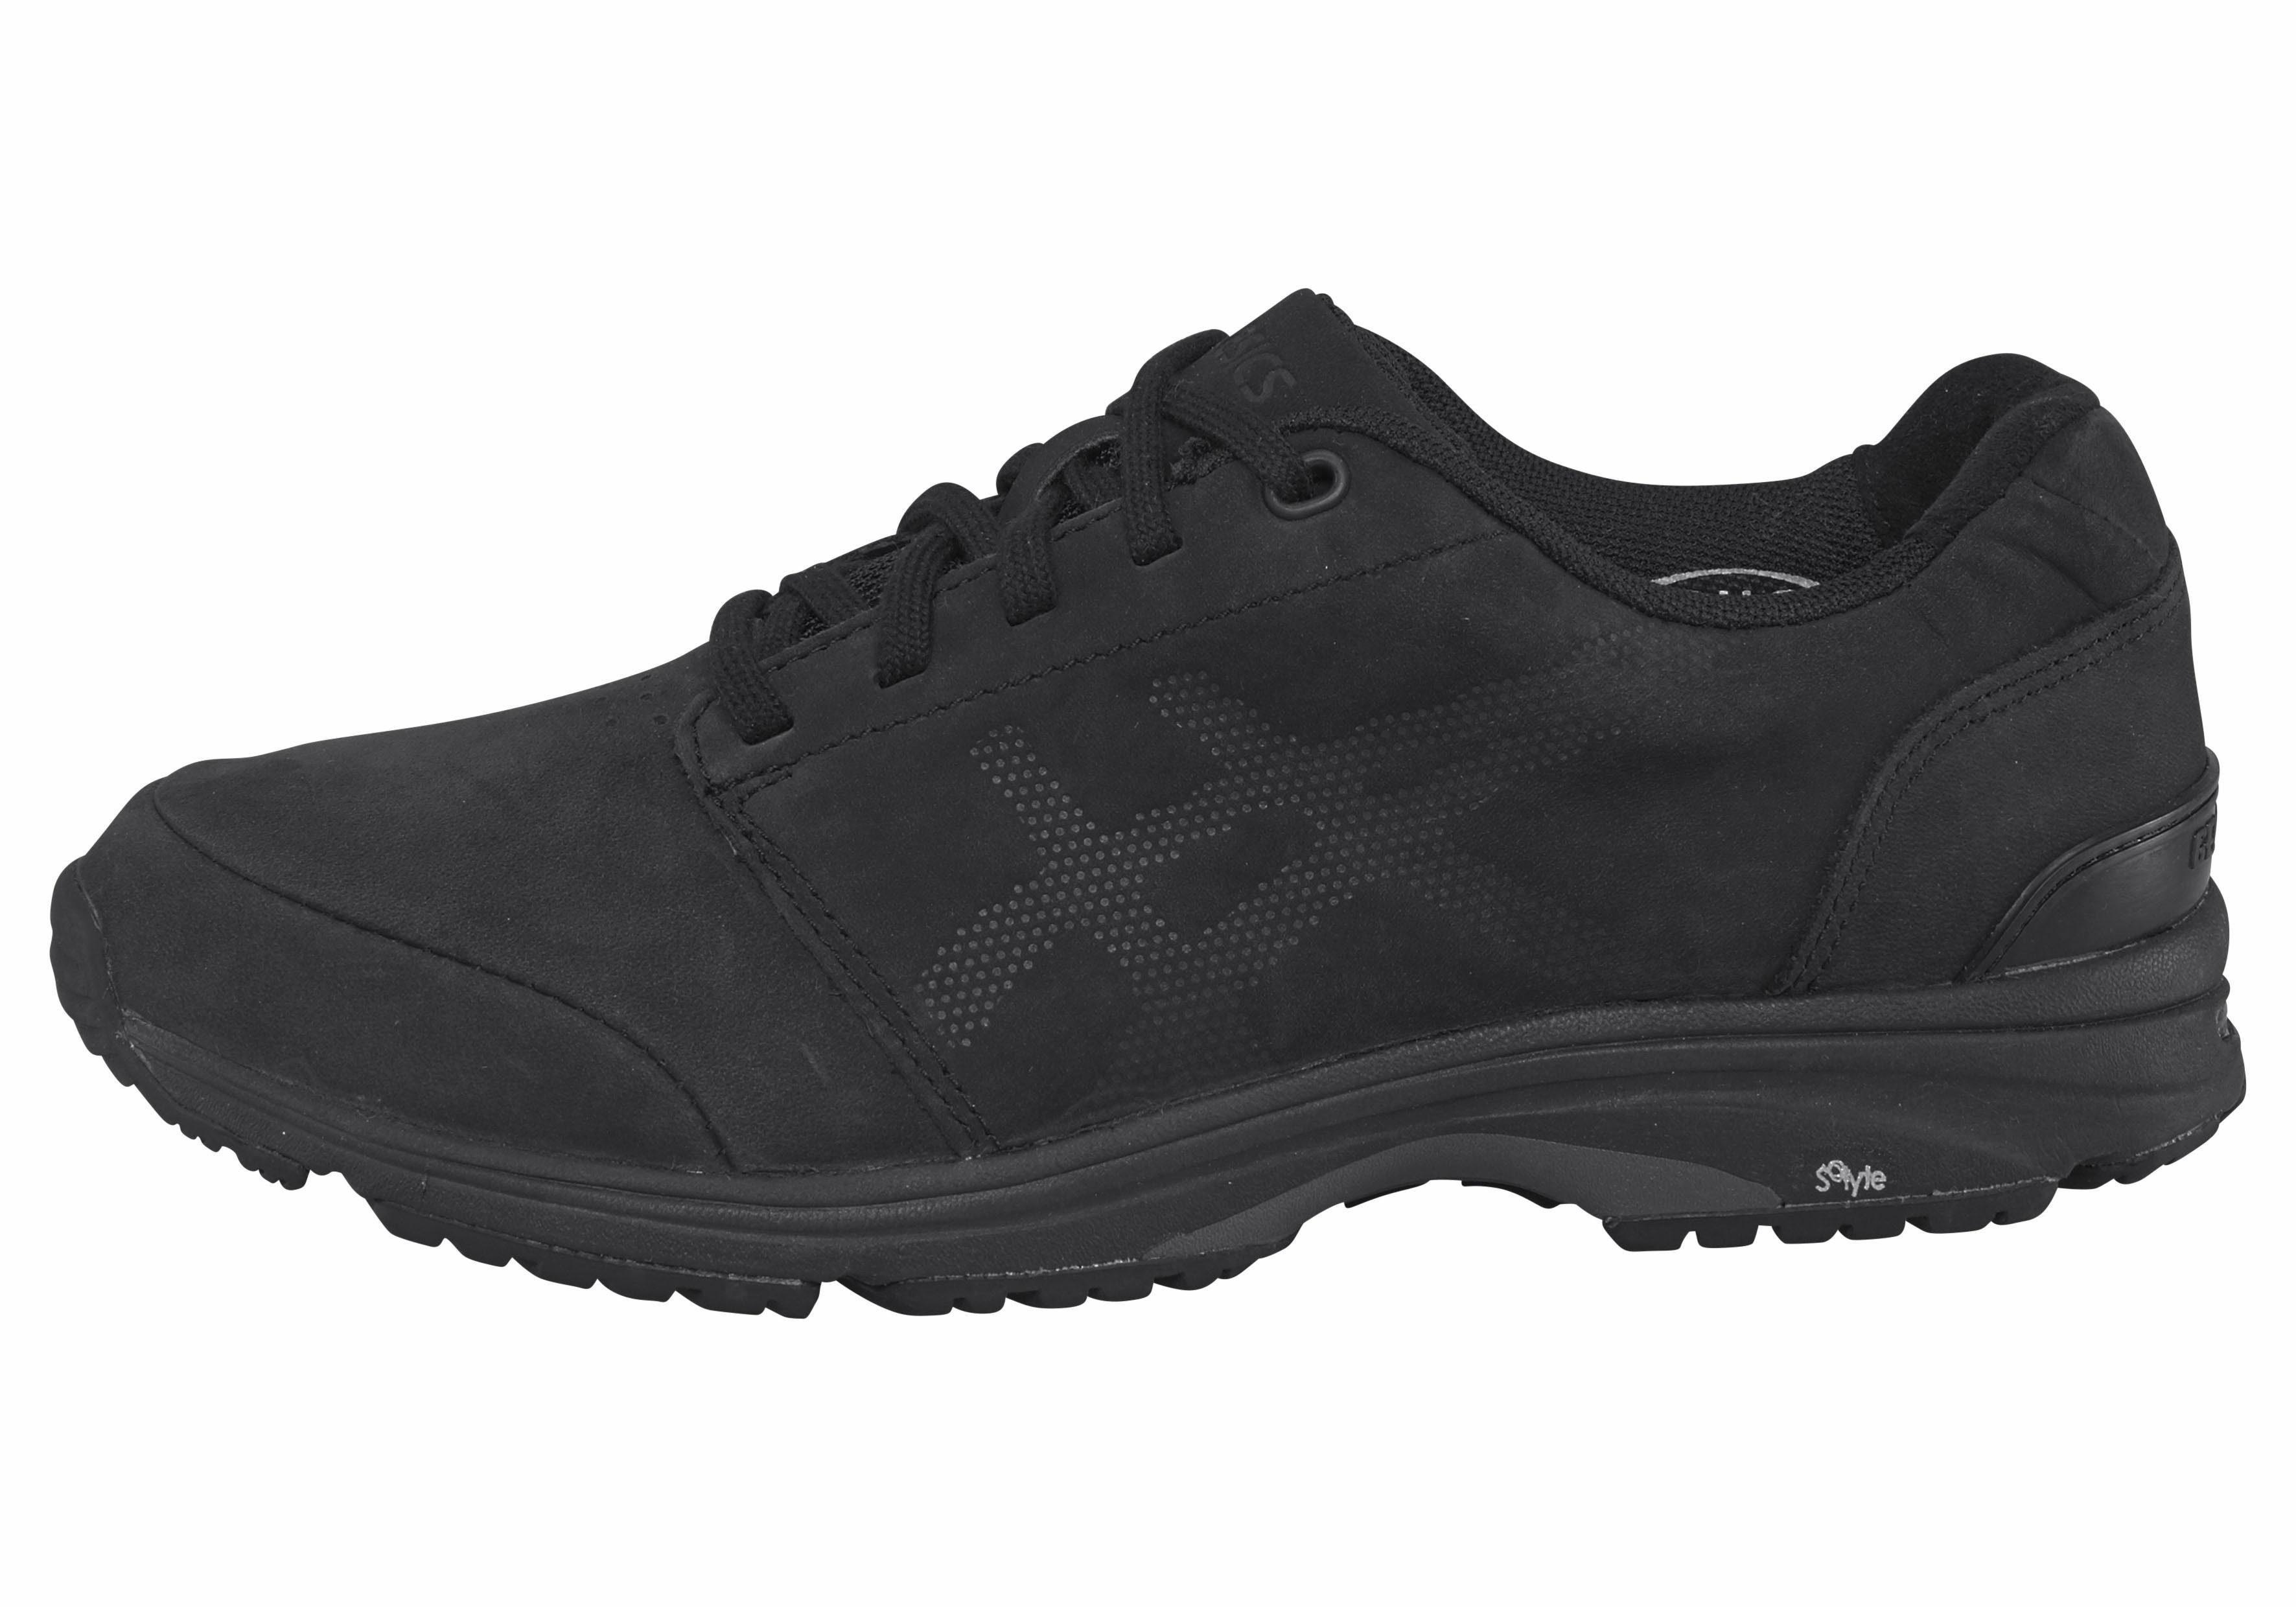 asics hoge wandelschoenen